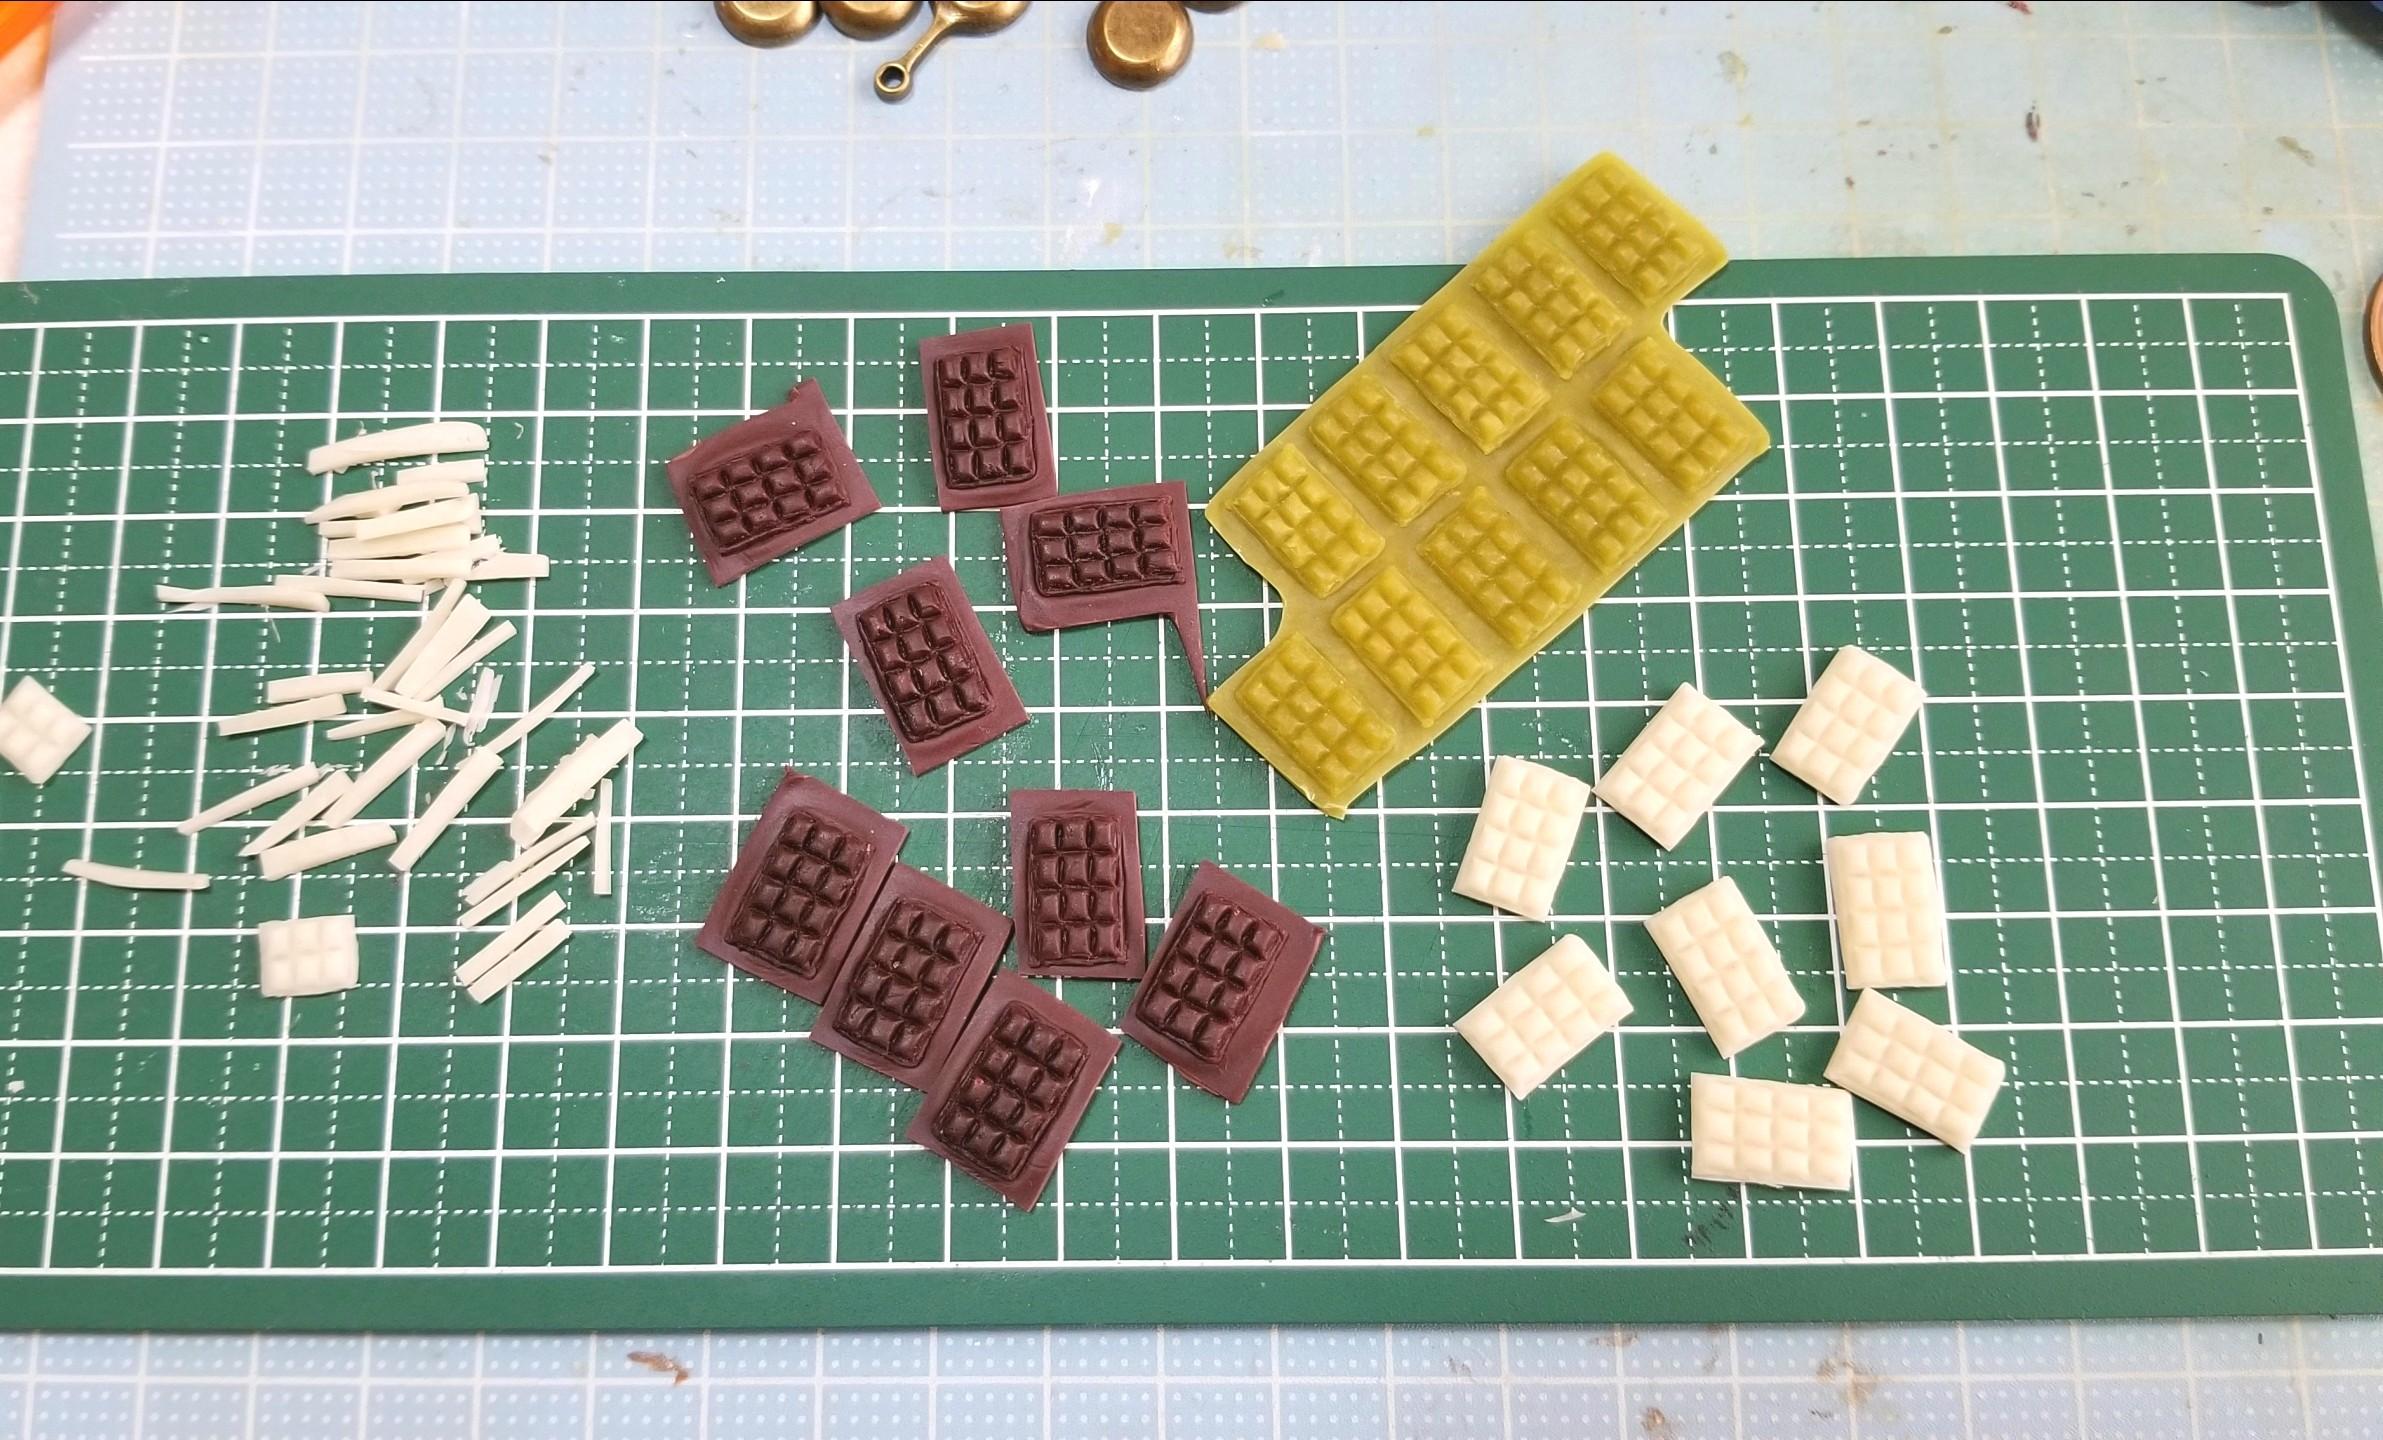 ミニチュア,板チョコレート,製作中,バレンタイン,樹脂粘土,あまむす